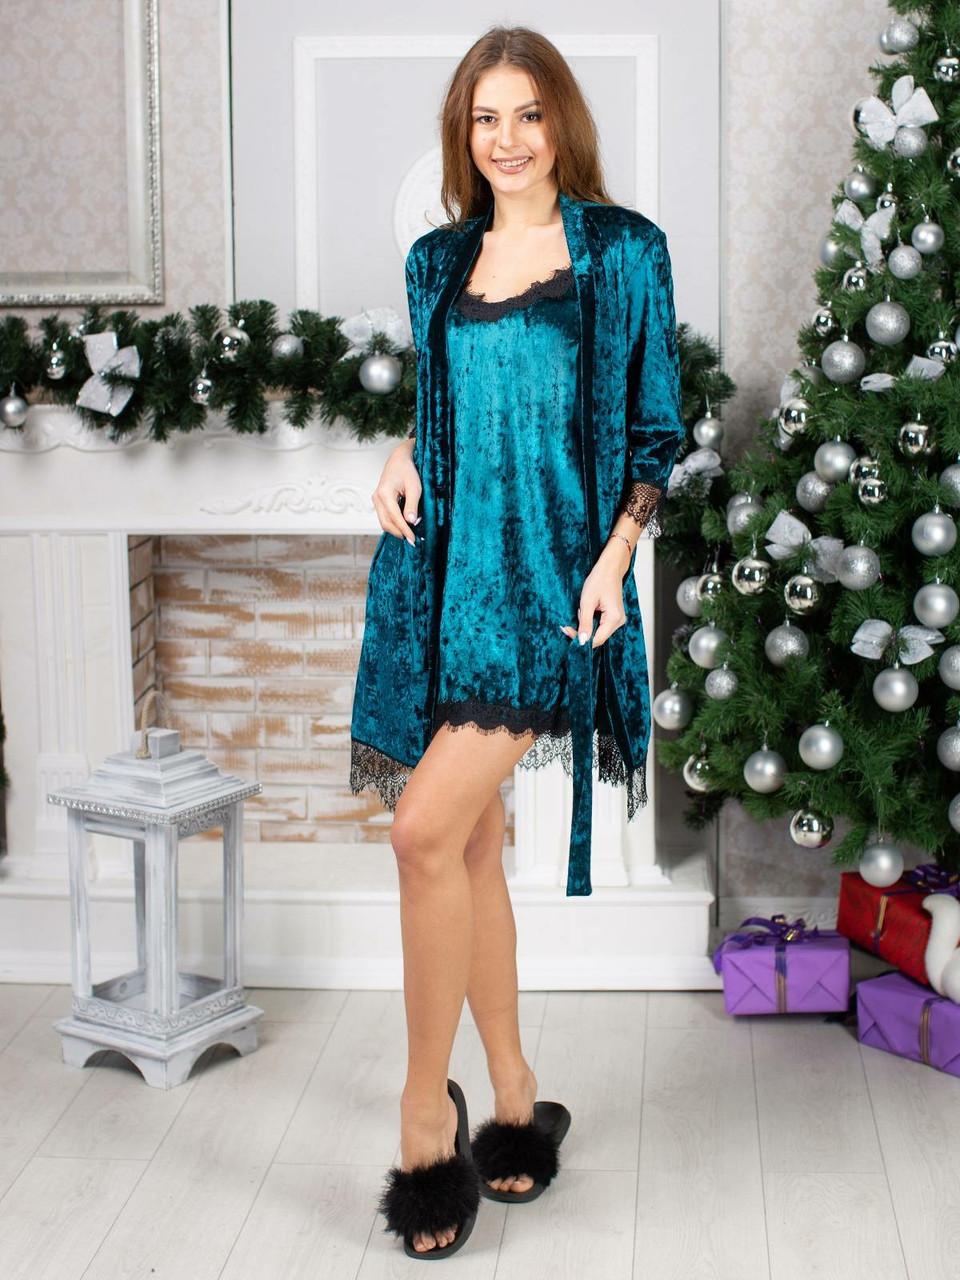 Оксамитовий жіночий комплект Халат, нічна сорочка Розмір 42 44 46 48 В наявності 5 кольорів